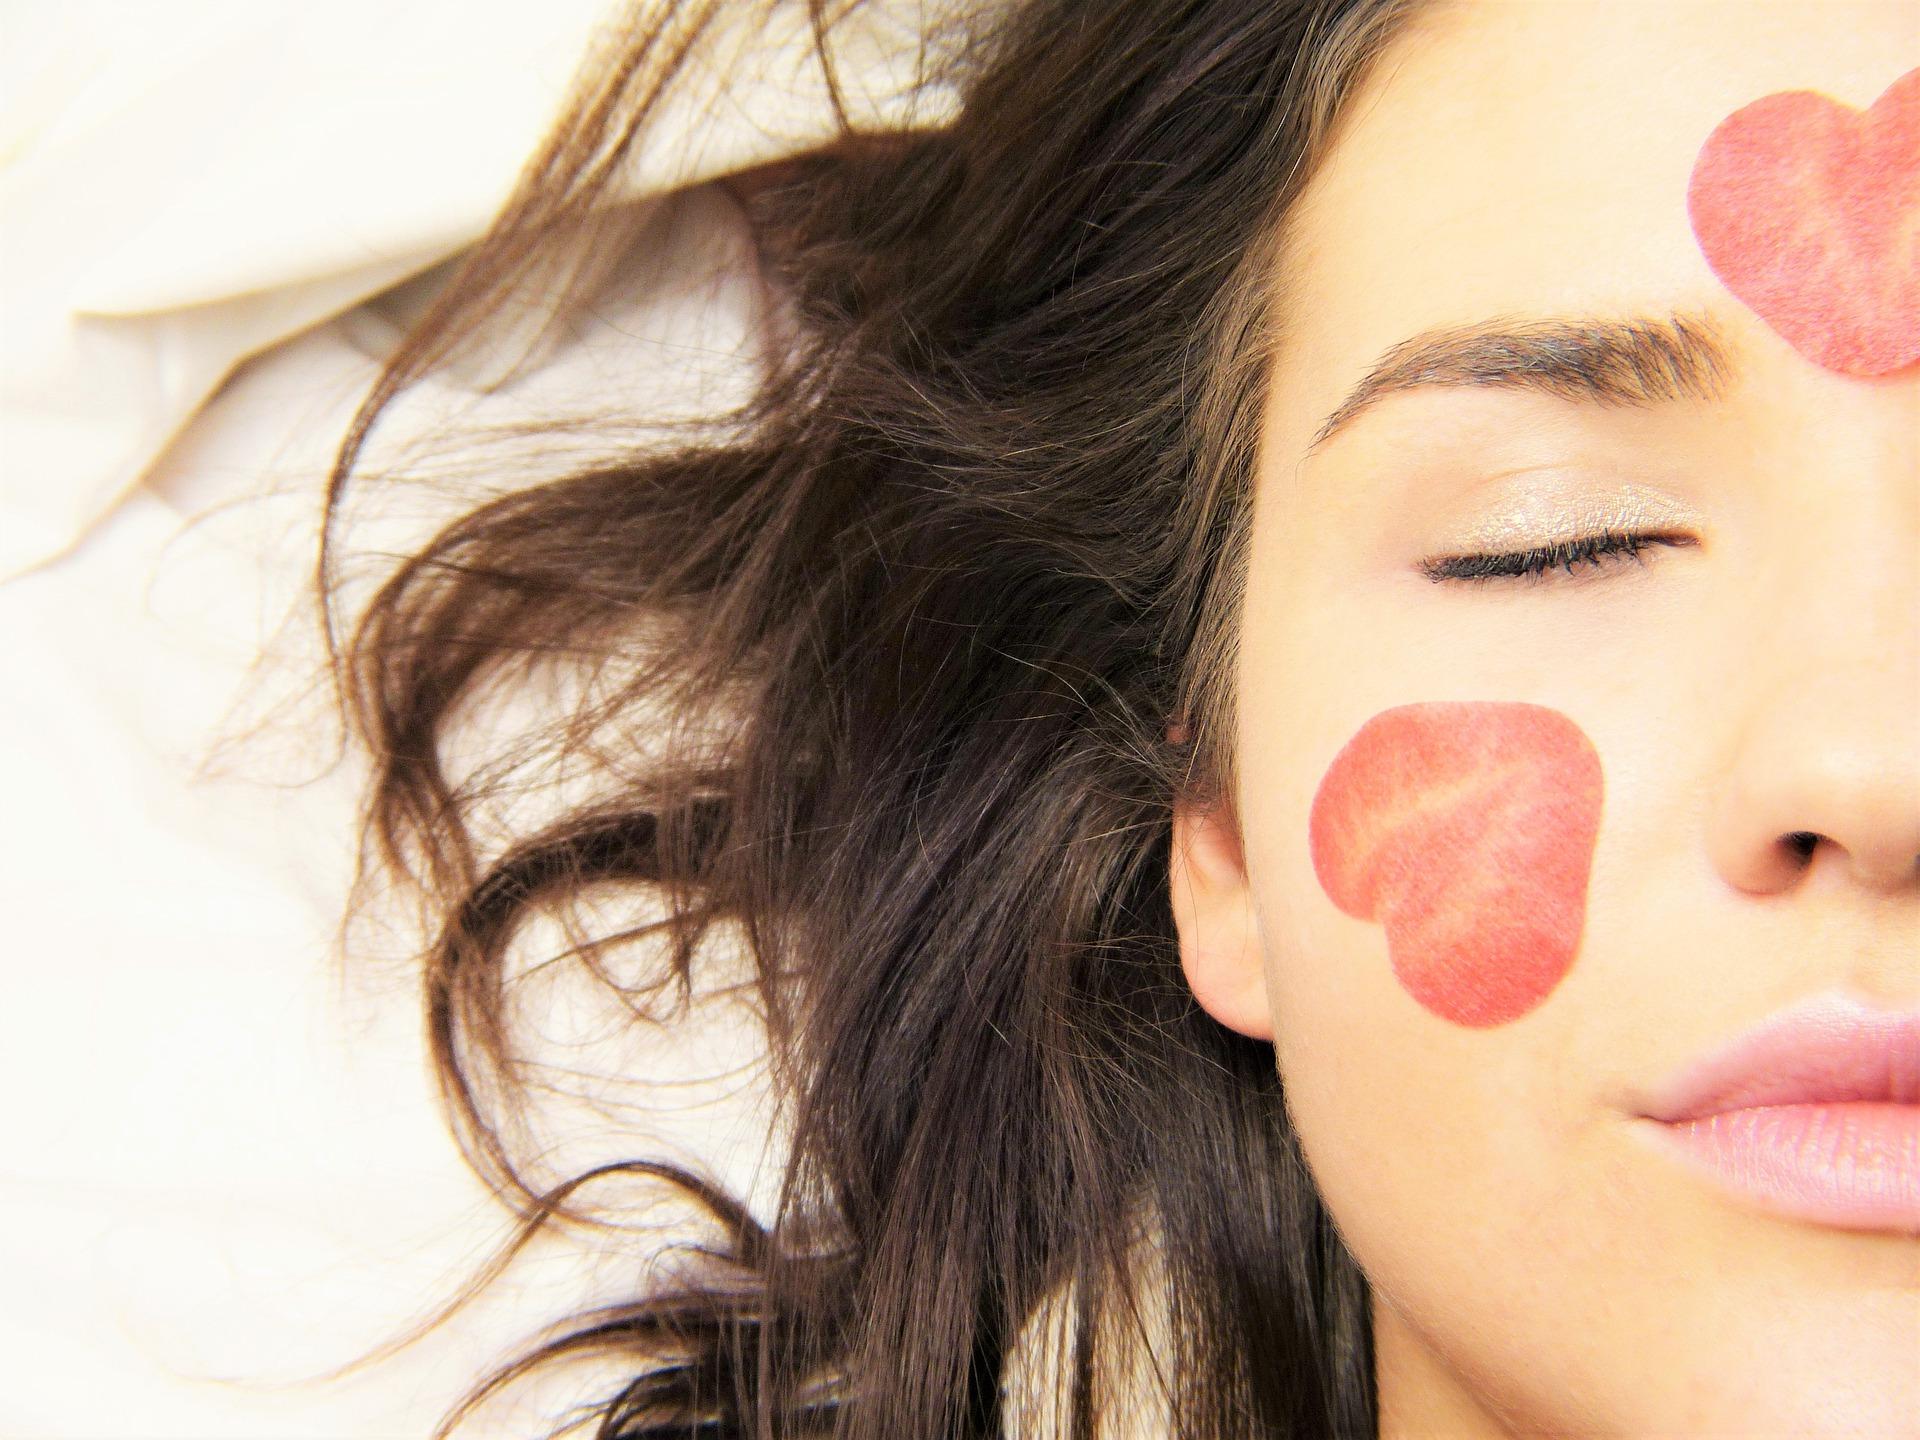 לא רק איפור: טיפים למראה עור מטופח וזוהר לכלה הנרגשת